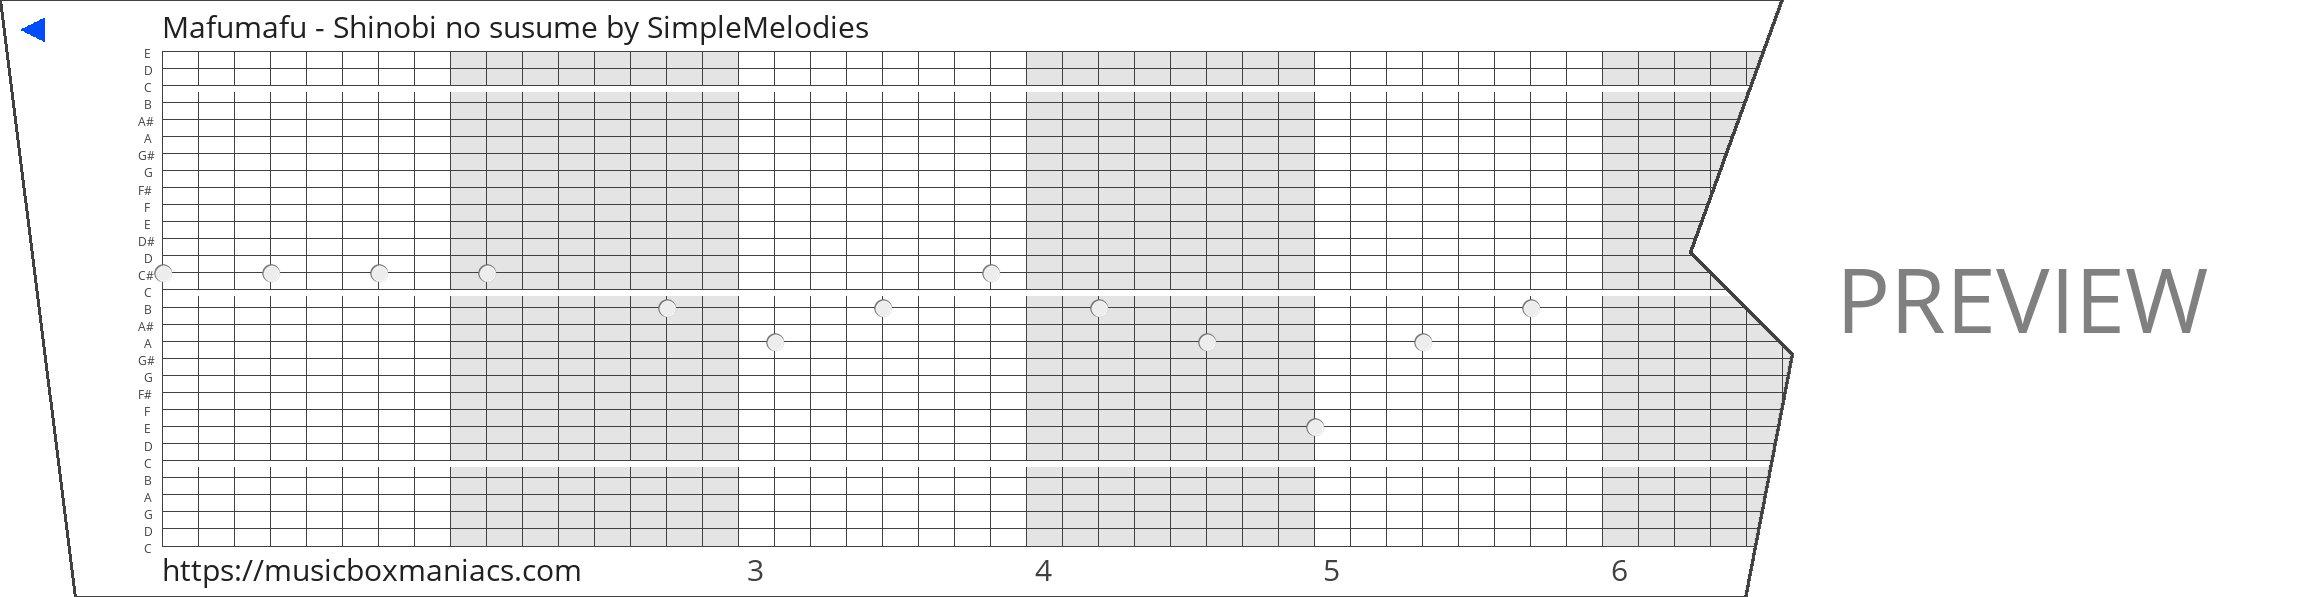 Mafumafu - Shinobi no susume 30 note music box paper strip